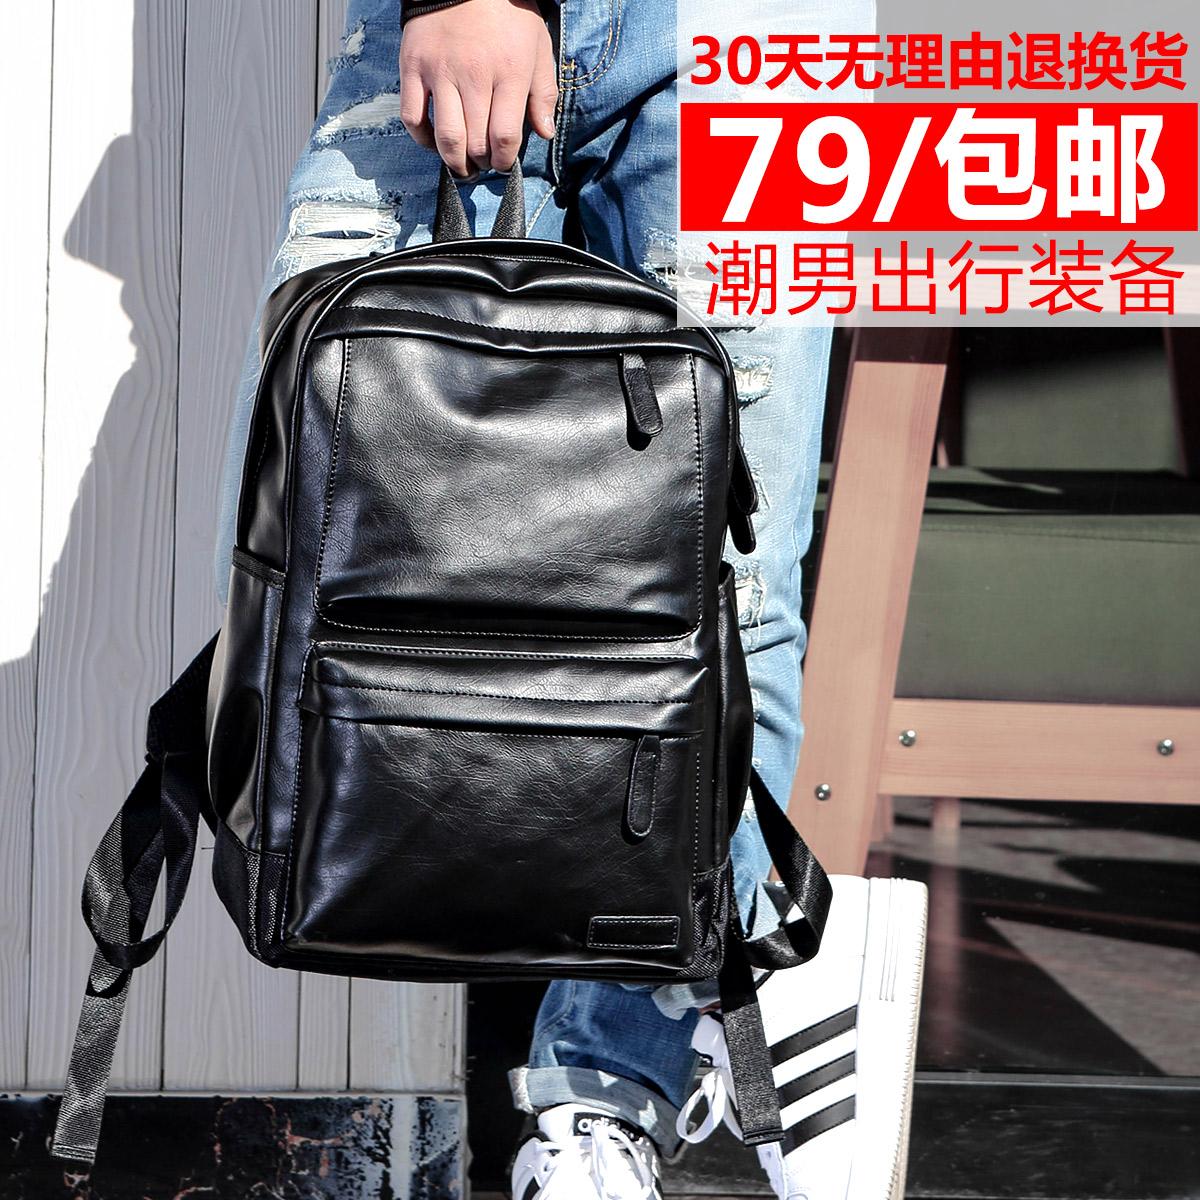 雙肩包男日韓百搭旅行包休閑時尚潮流背包書包容量